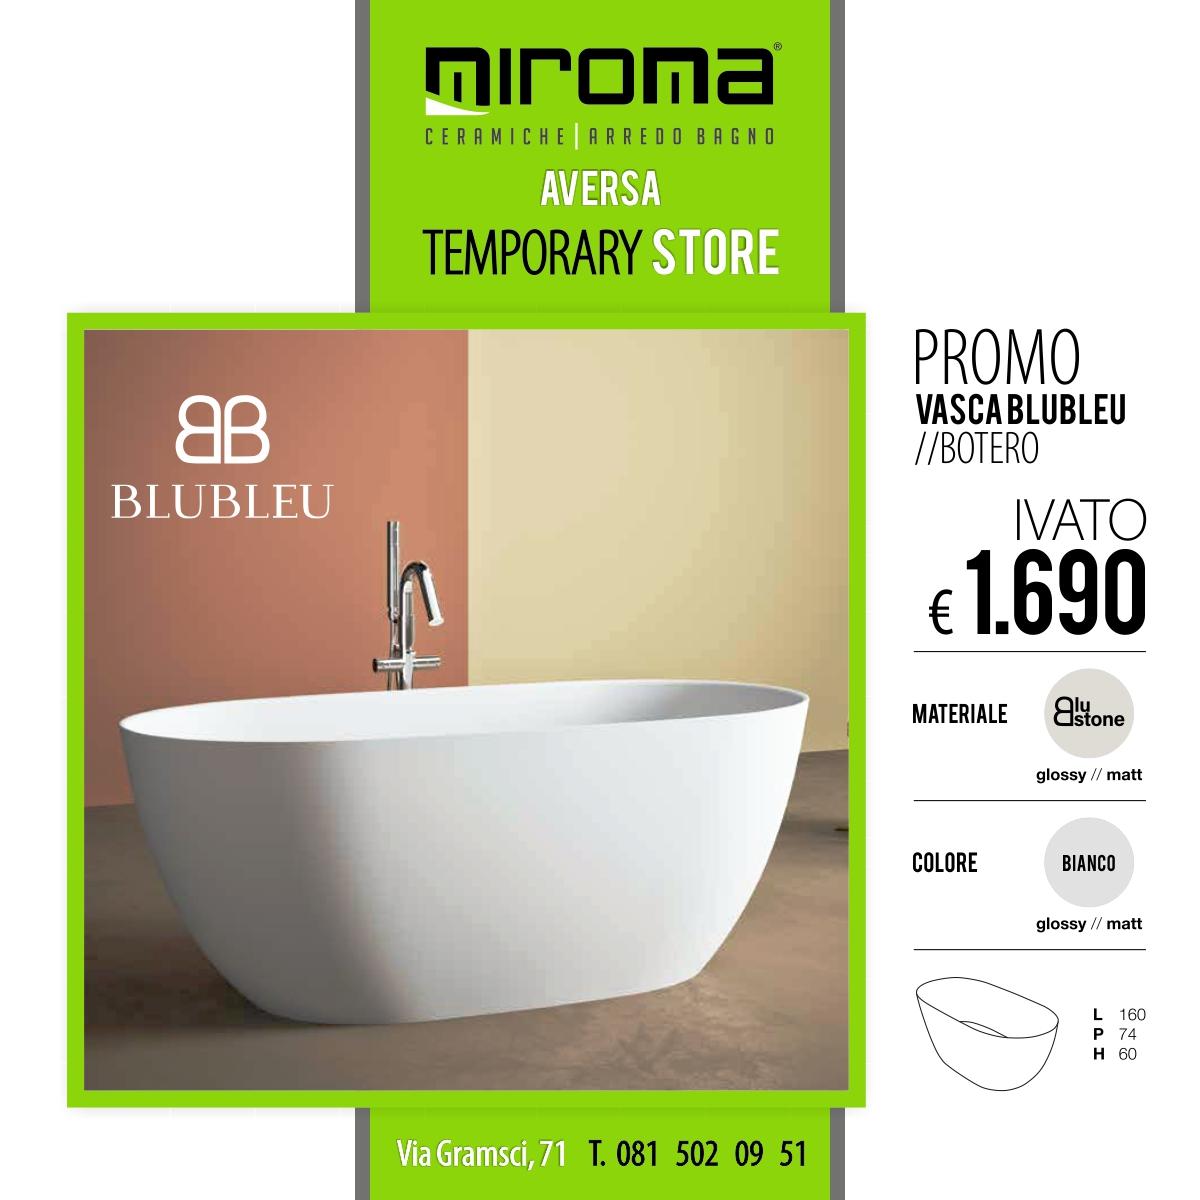 Vasca da bagno blubleu botero miroma ceramiche - Botero uomo in bagno ...